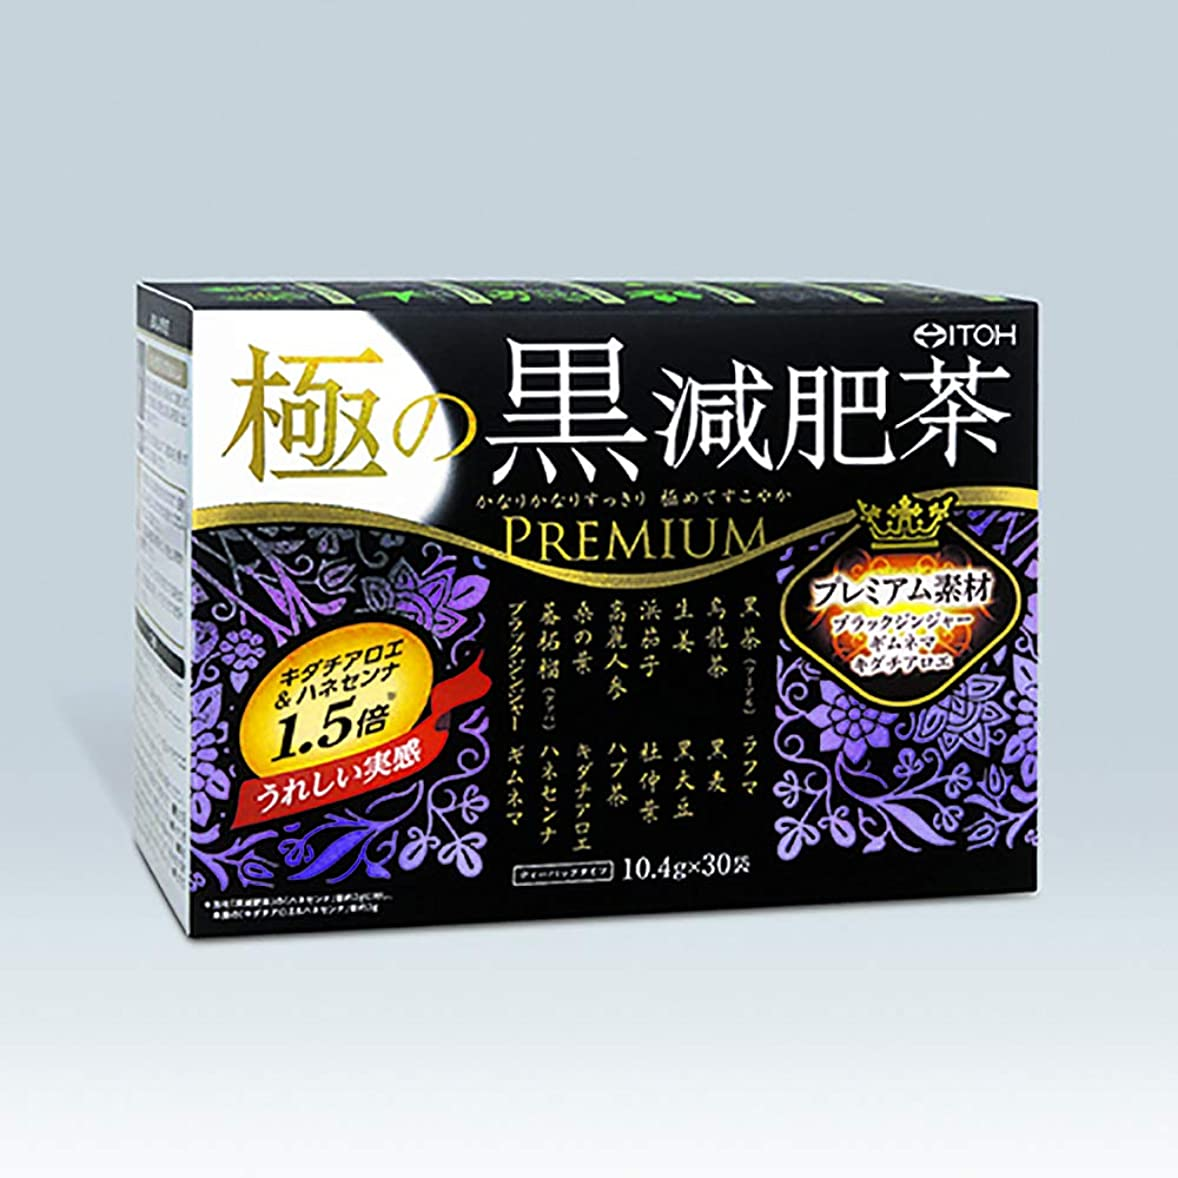 がっかりした手錠ピッチ井藤漢方製薬 極の黒減肥茶30袋